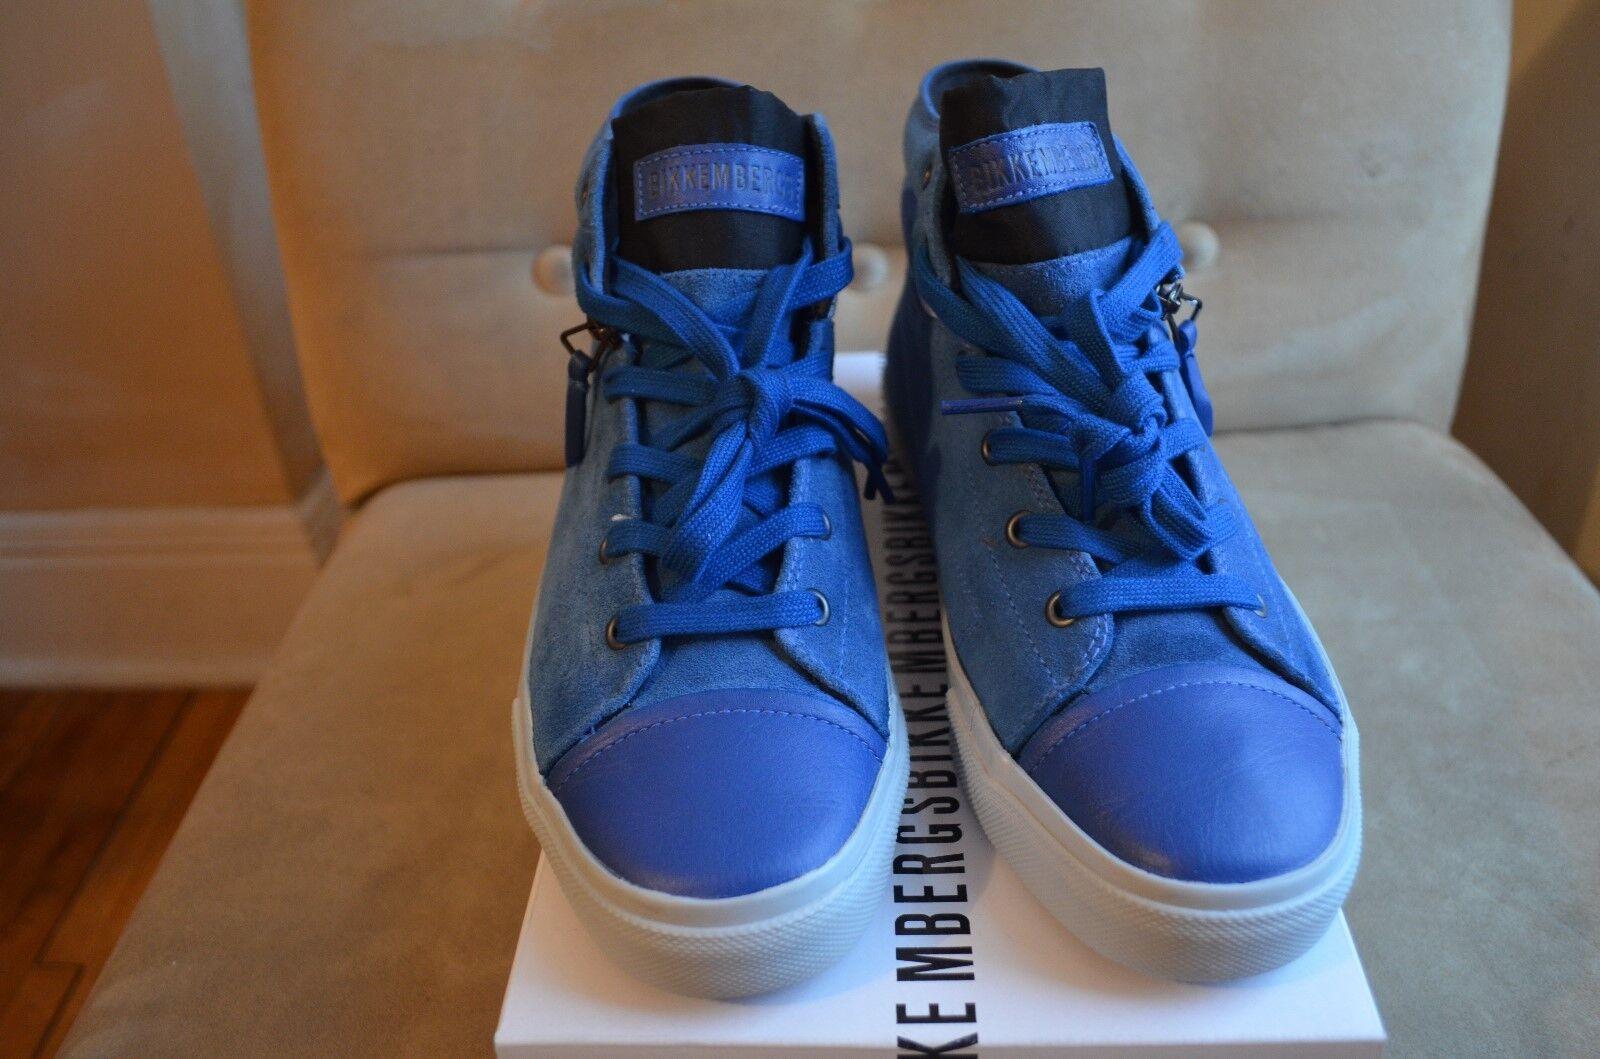 BIKKEMBERGS blu bianca SUEDE ANTRA LEATHER MID ZIPPER TOP scarpe da ginnastica scarpe 41 8